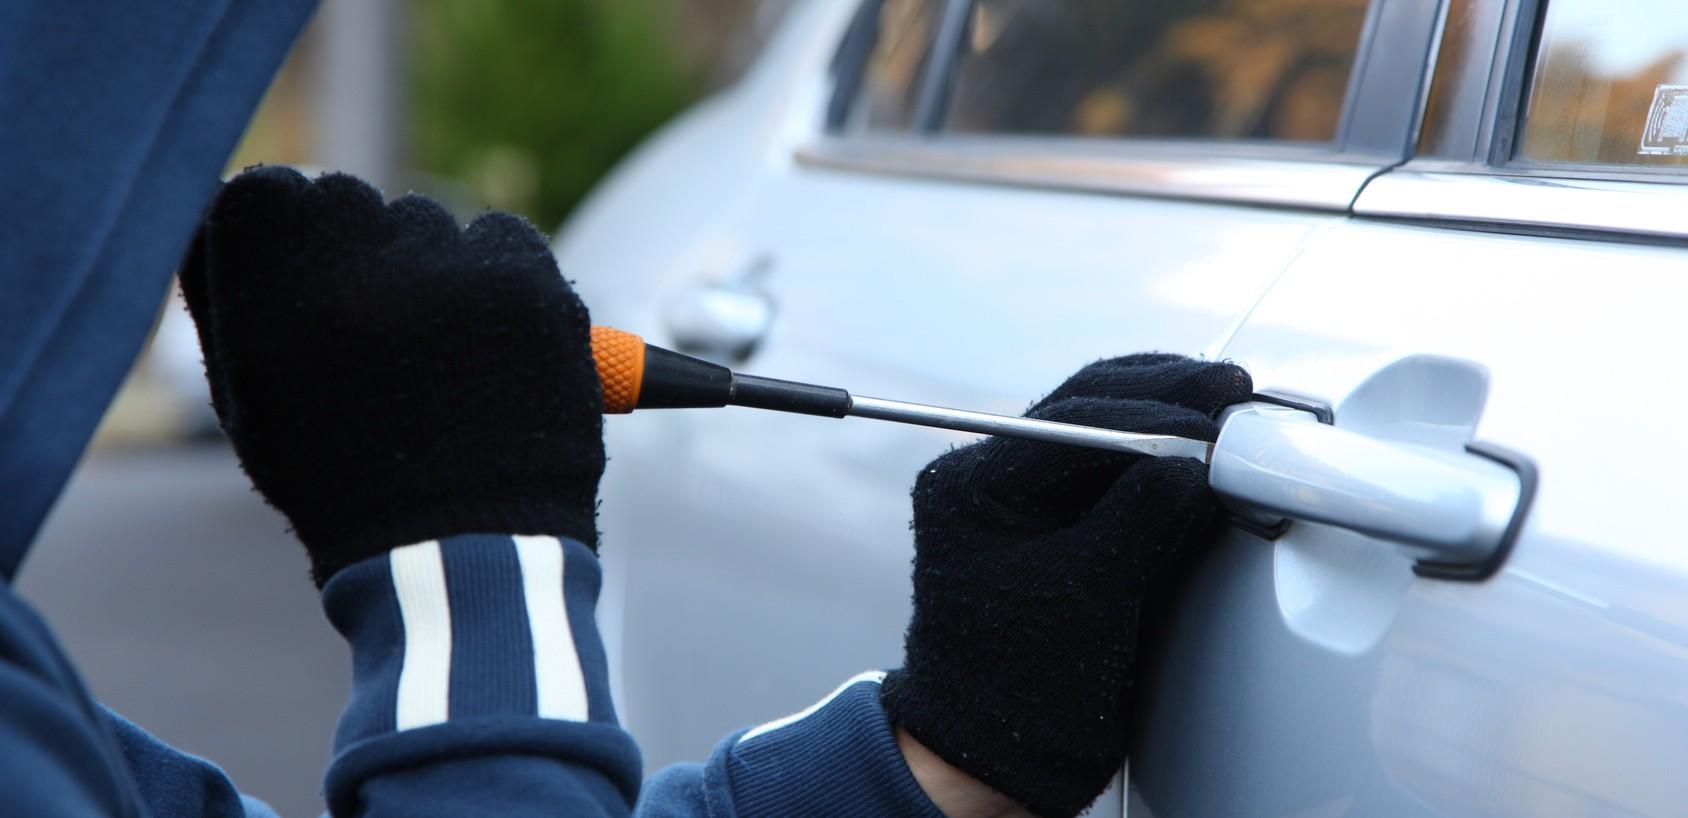 Cresce o número de furtos e roubos de carros em SC